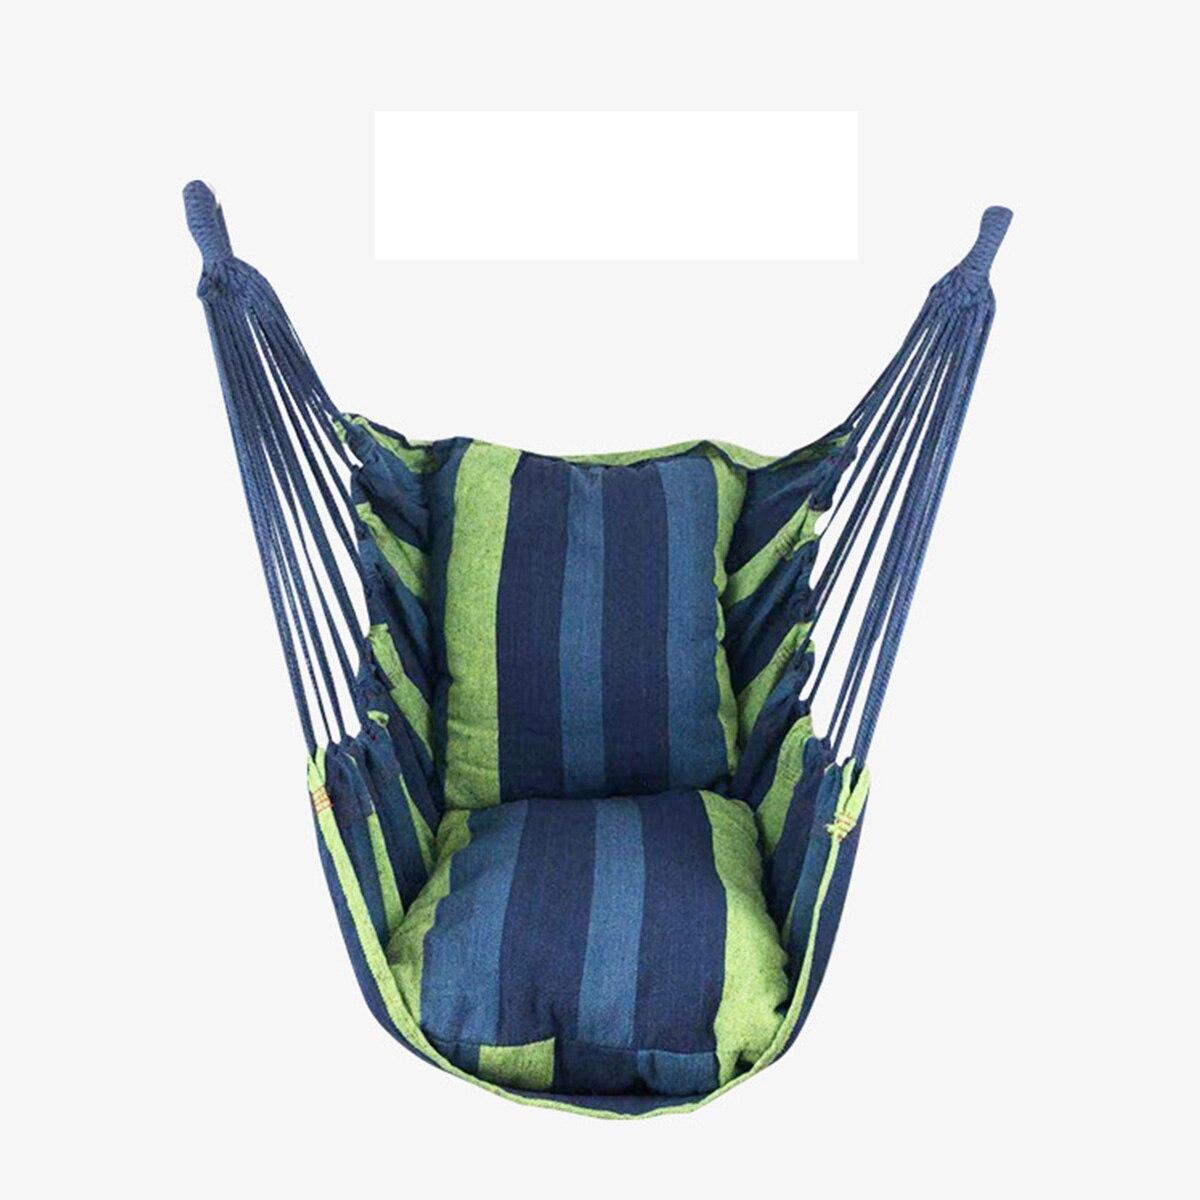 ポータブルハンモック椅子ぶら下げロープ椅子スイングチェアシートと 2 枕庭屋内屋外ファッショナブルなハンモックスイング_画像7